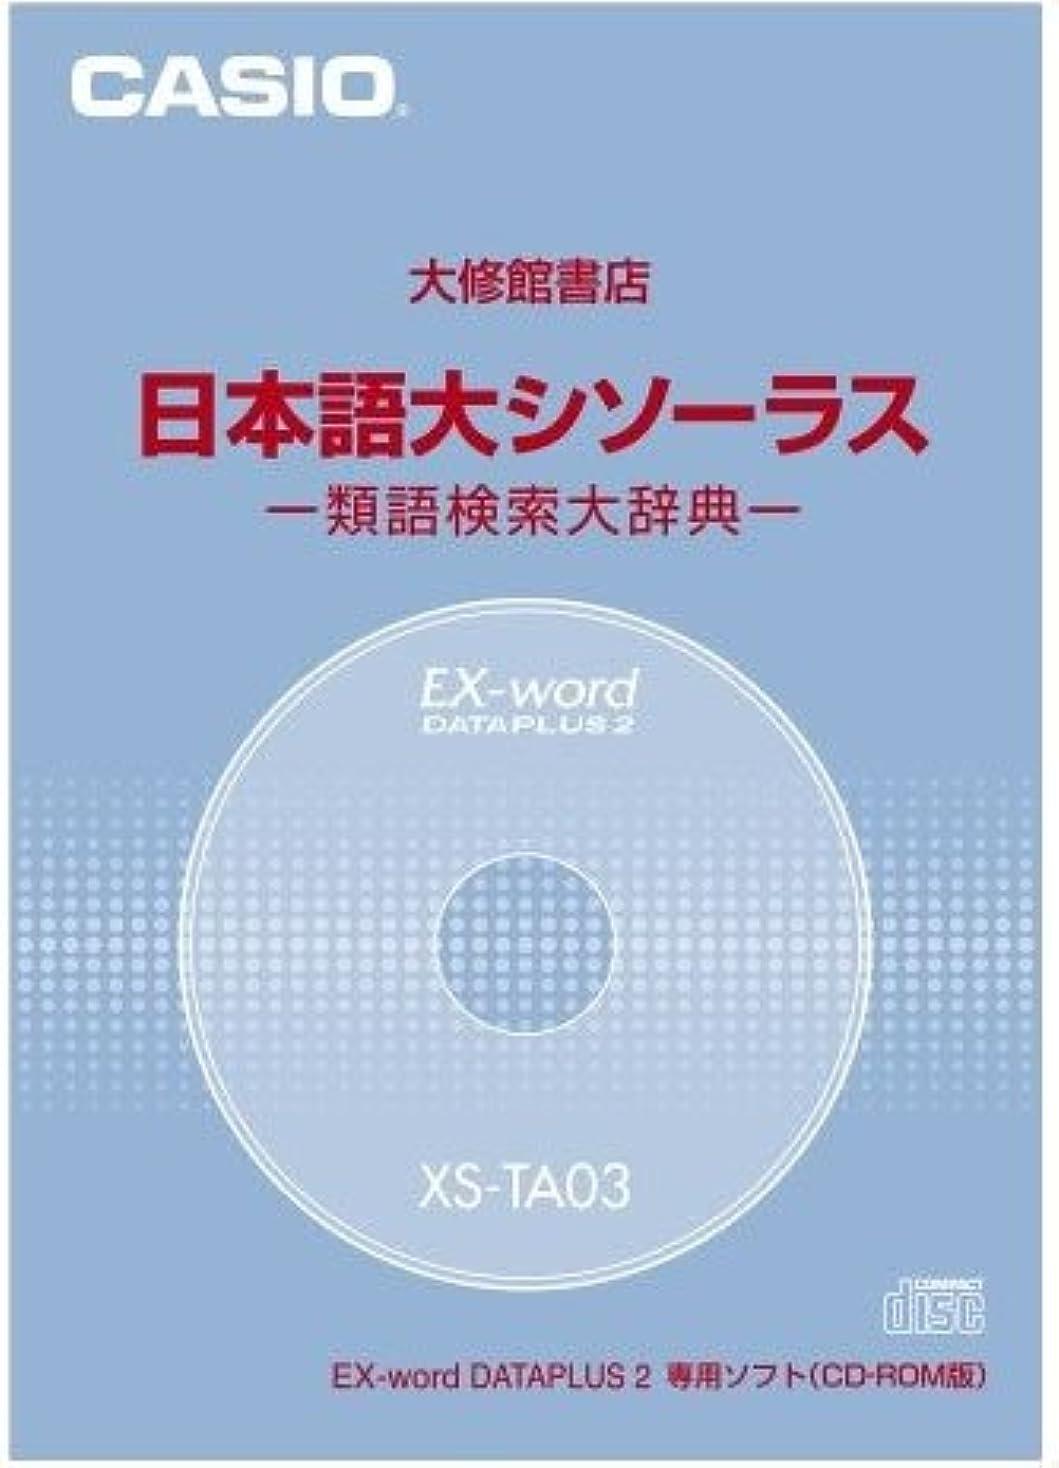 ウガンダボス愛情深いカシオ計算機 カシオ 電子辞書用コンテンツ(CD版) 日本語大シソーラス類語検索大辞典 XS-TA03